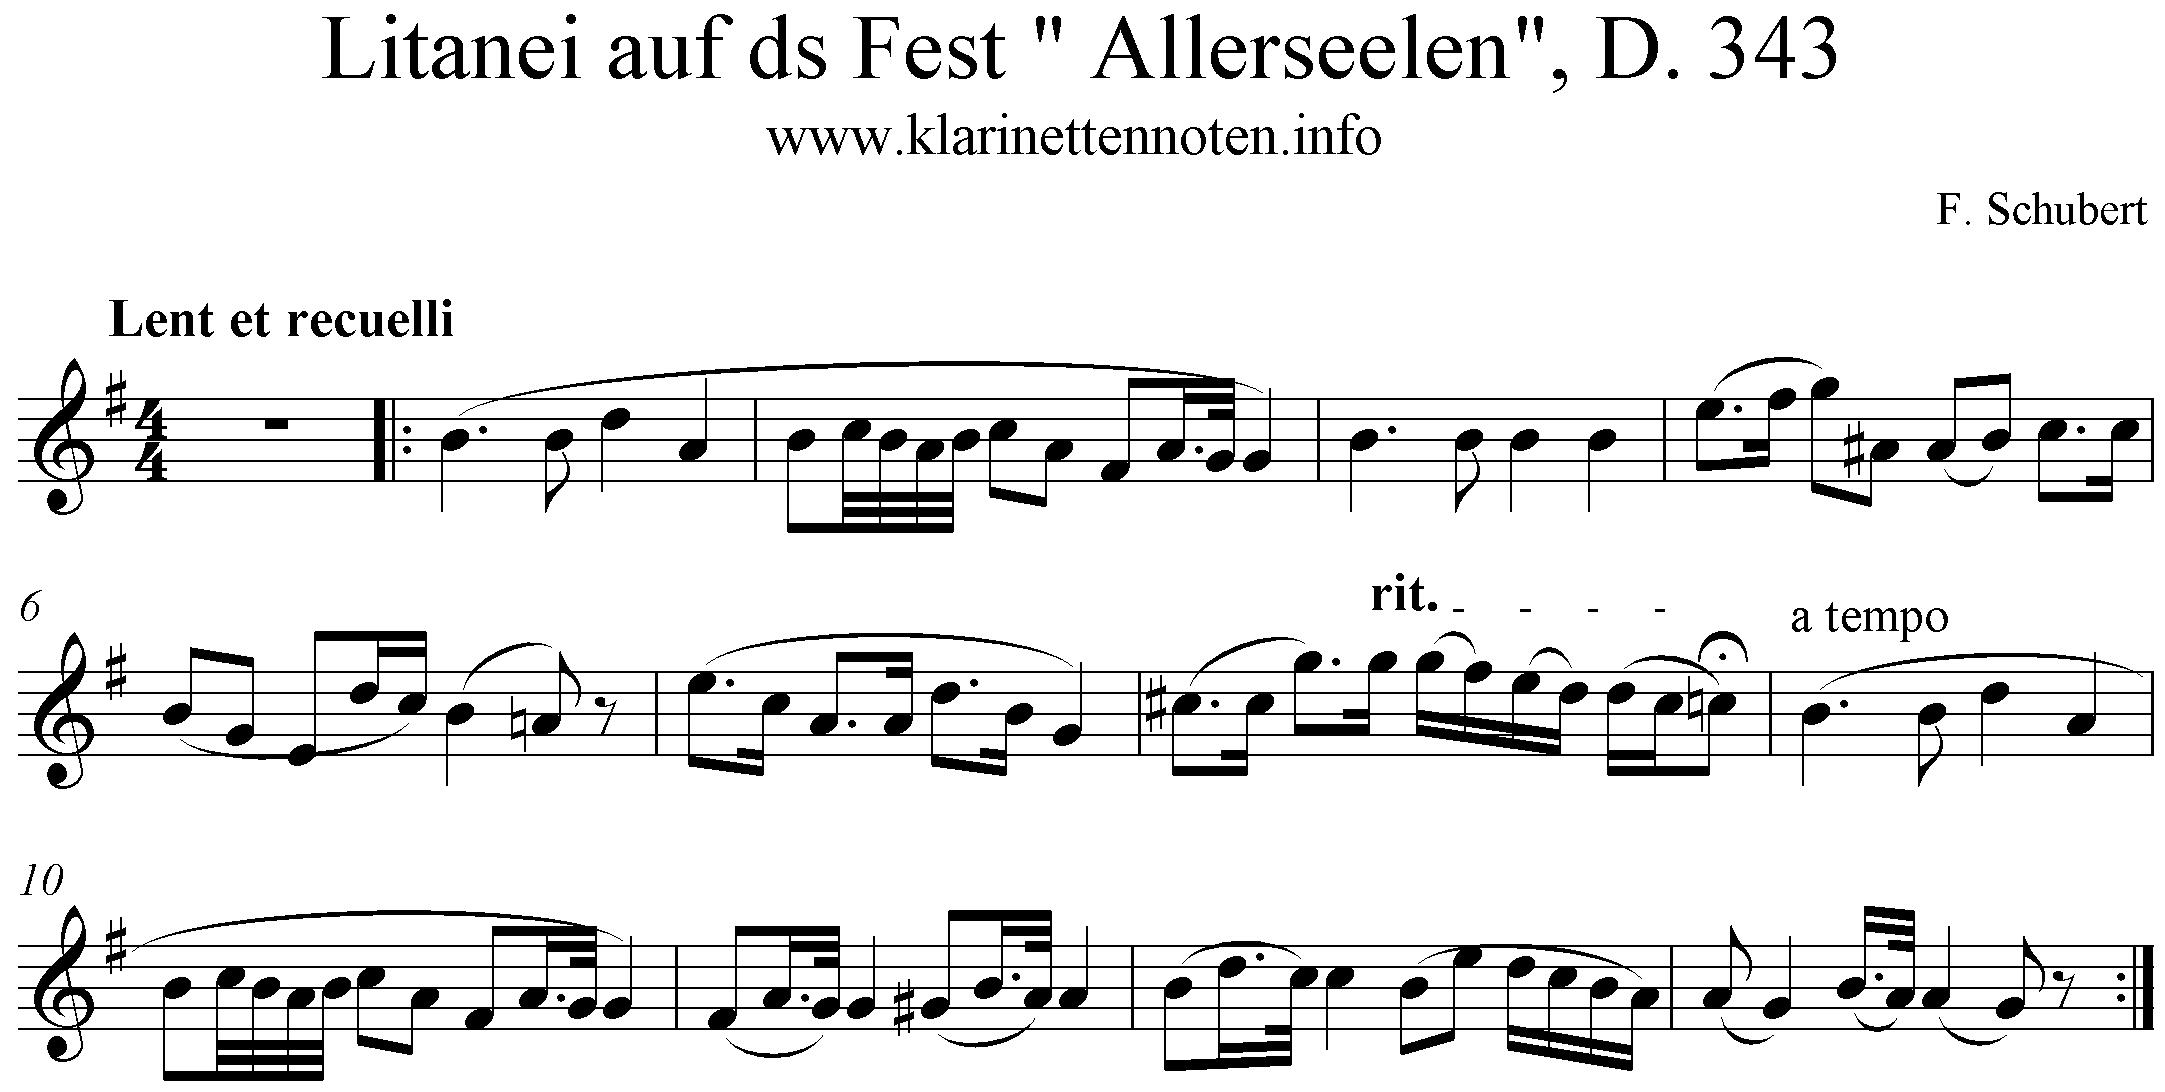 Noten Litanei, D.343, Schubert